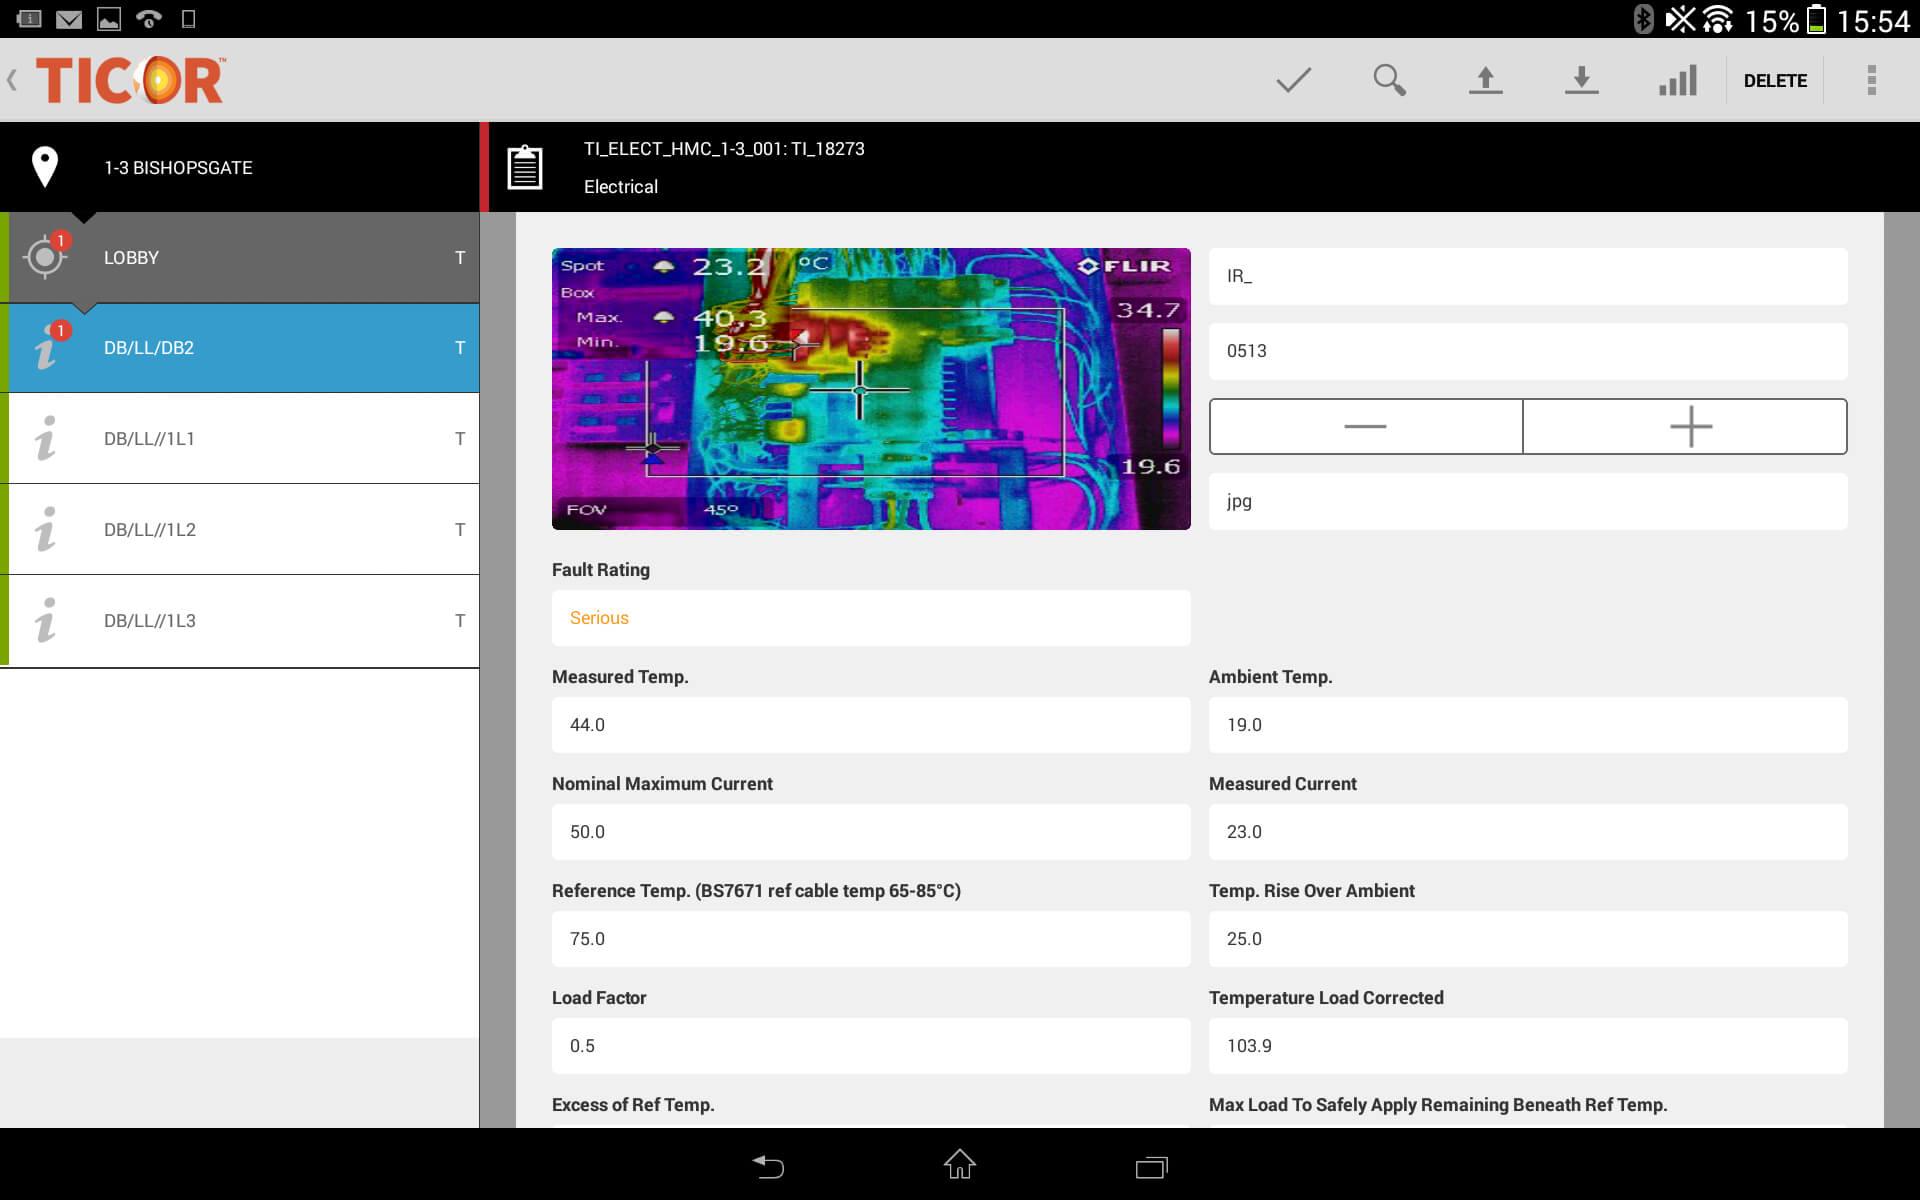 Thermal Imaging Software - Ticor Regarding Thermal Imaging Report Template